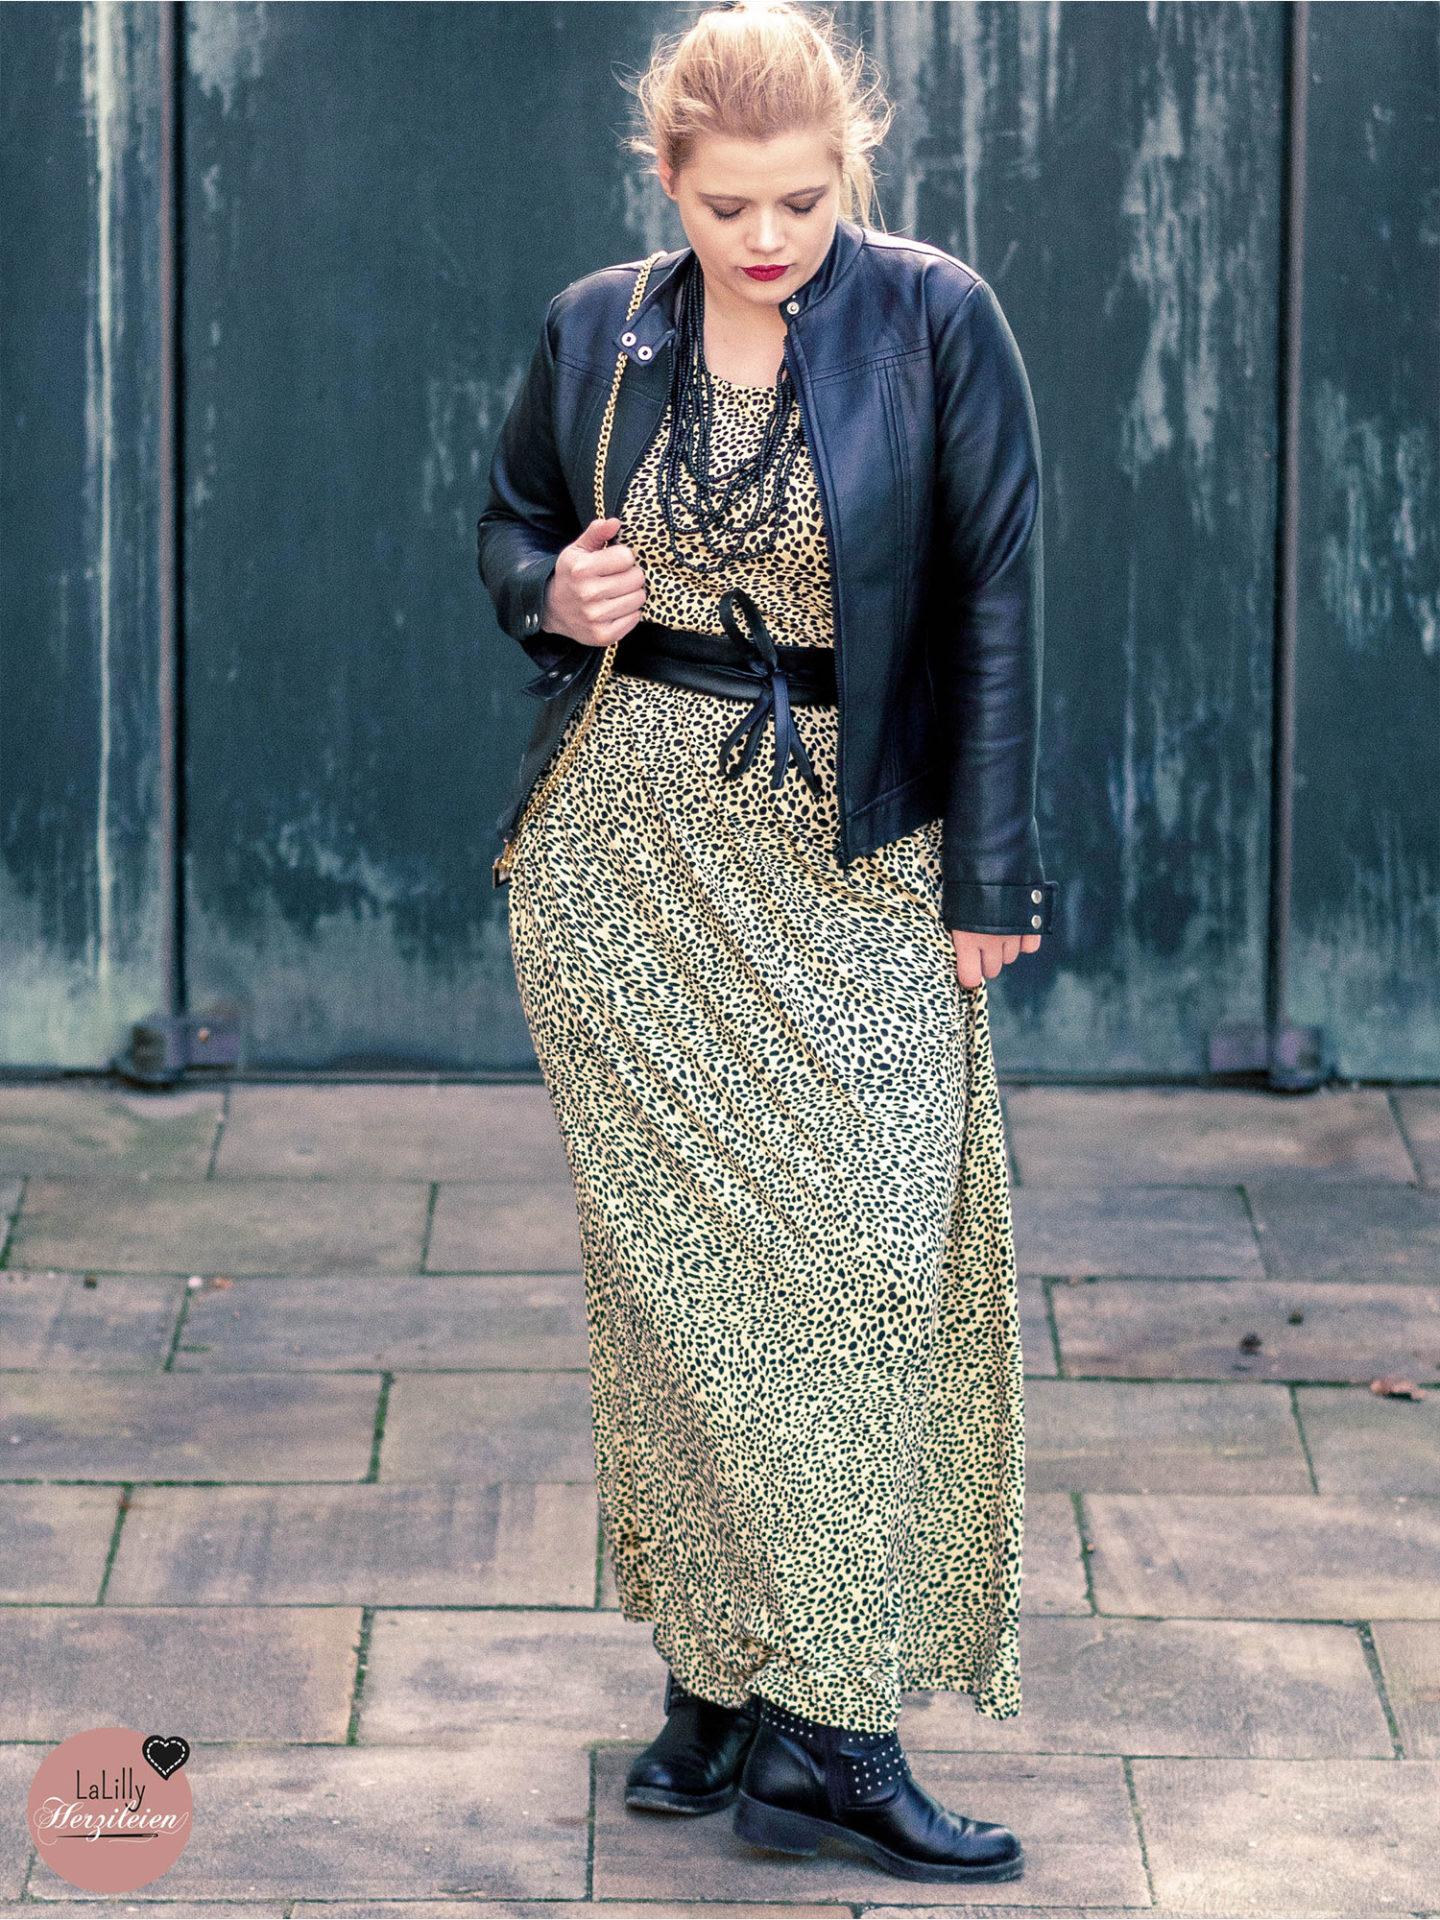 Kennst du das süße Kleid Clyde von Unikatze? Du kannst es ganz einfach als Maxikleid nähen! In meinem Beitrag erkläre ich dir wie!